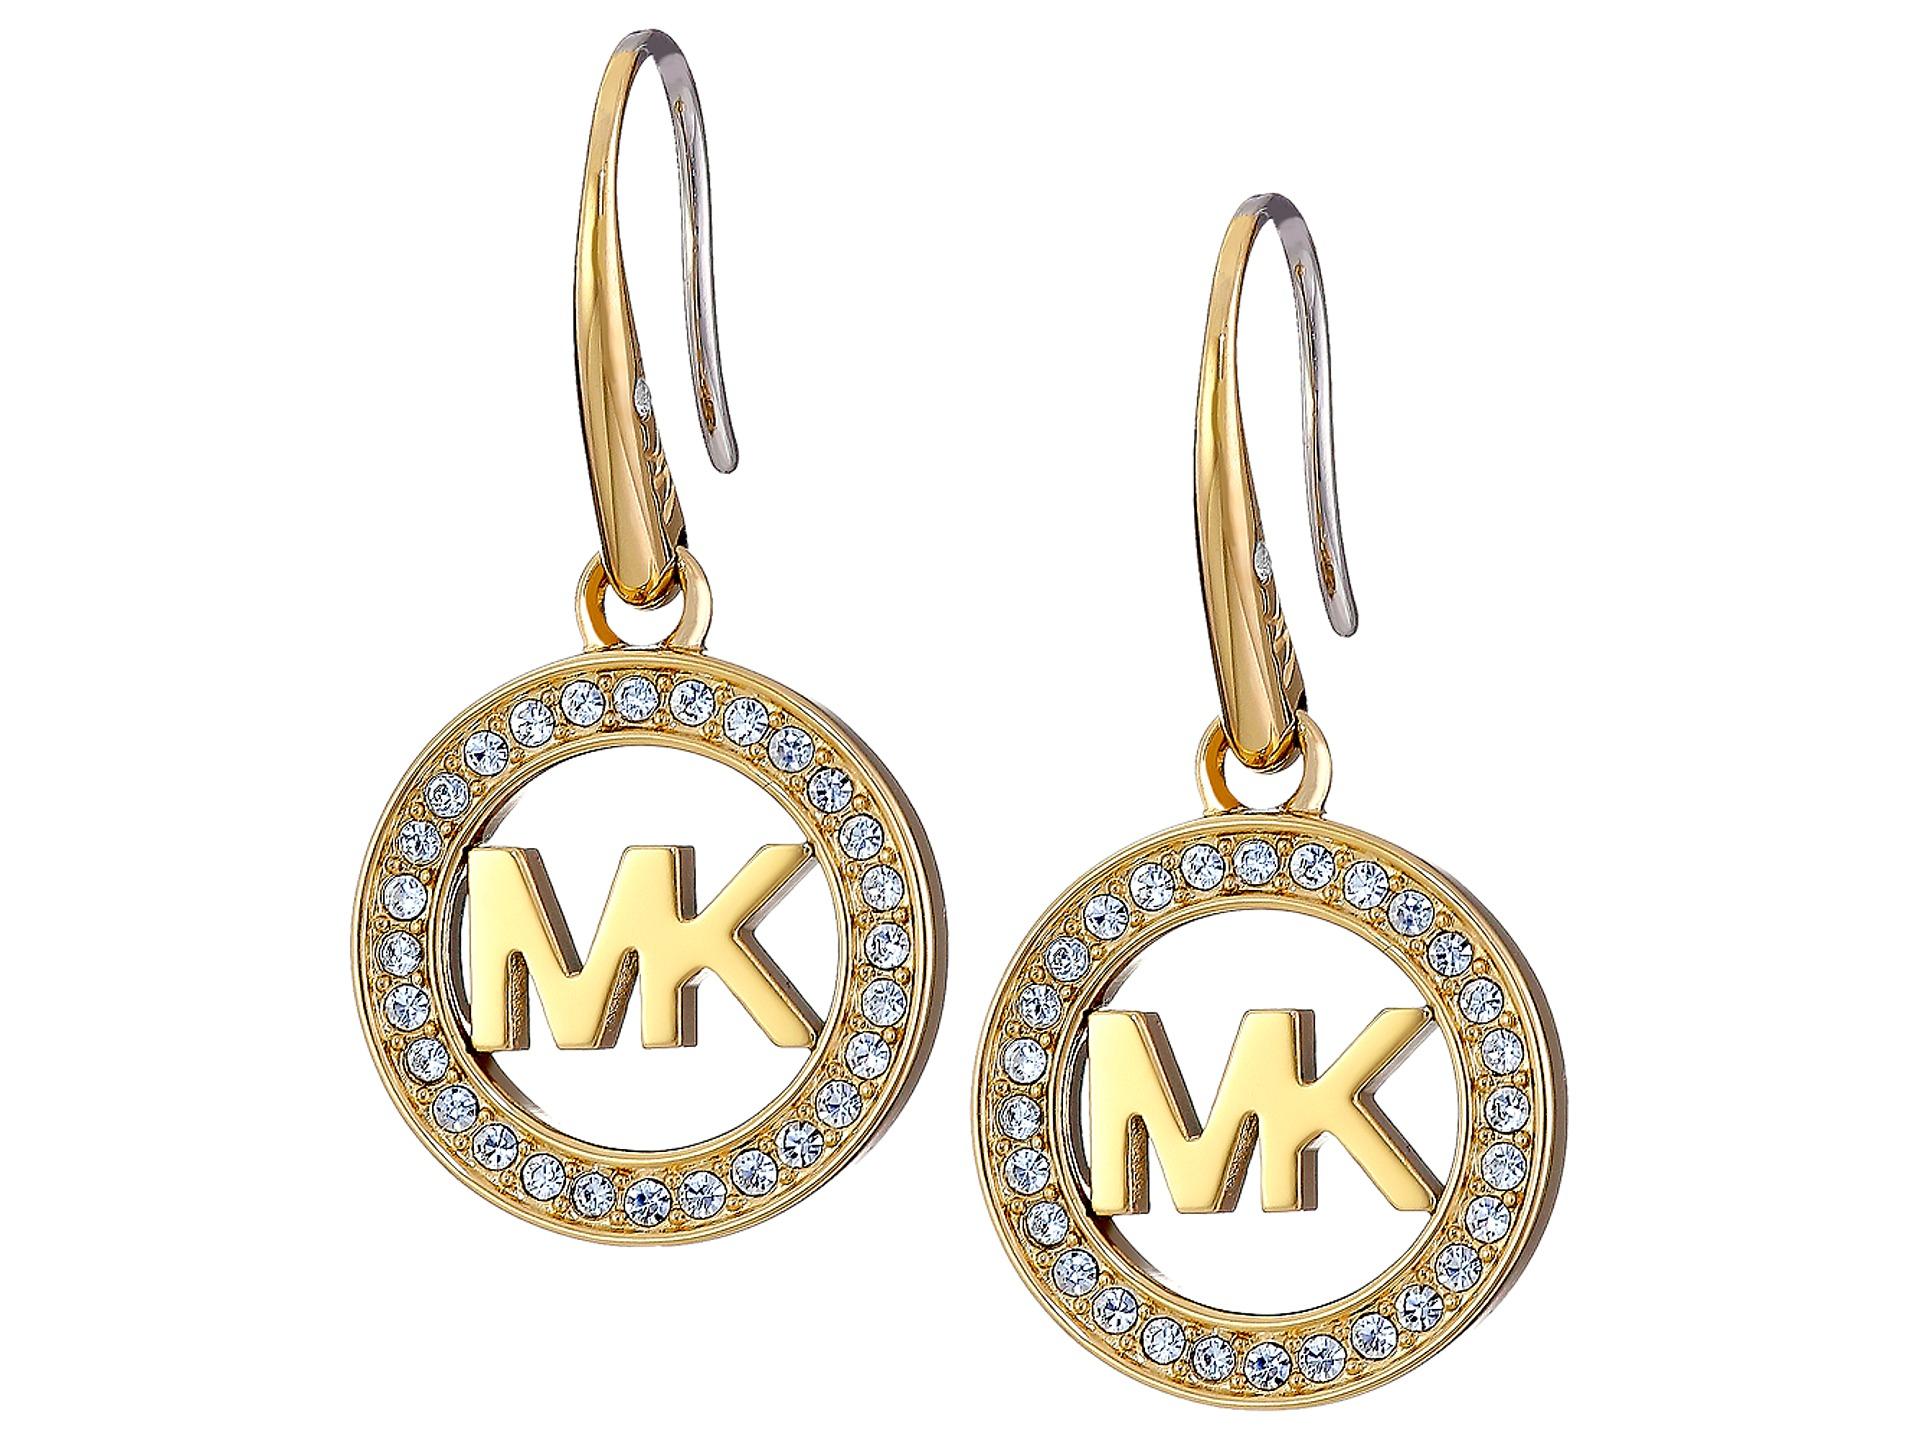 michael kors logo drop earrings zappos free shipping